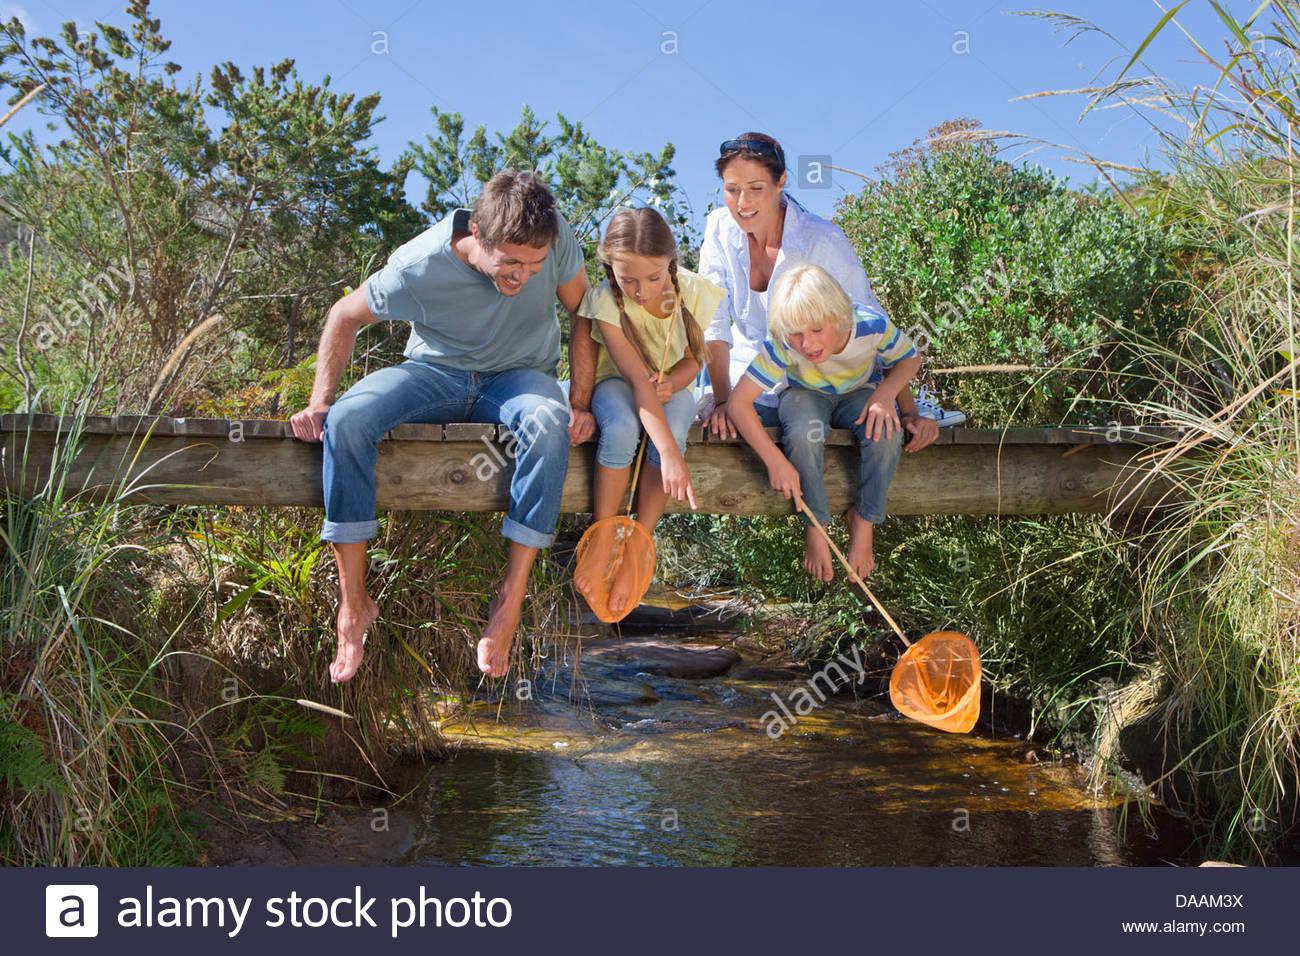 Famiglia con reti da pesca seduto a piedi nudi sulla passerella e guardando verso il basso in corrispondenza di Immagini Stock